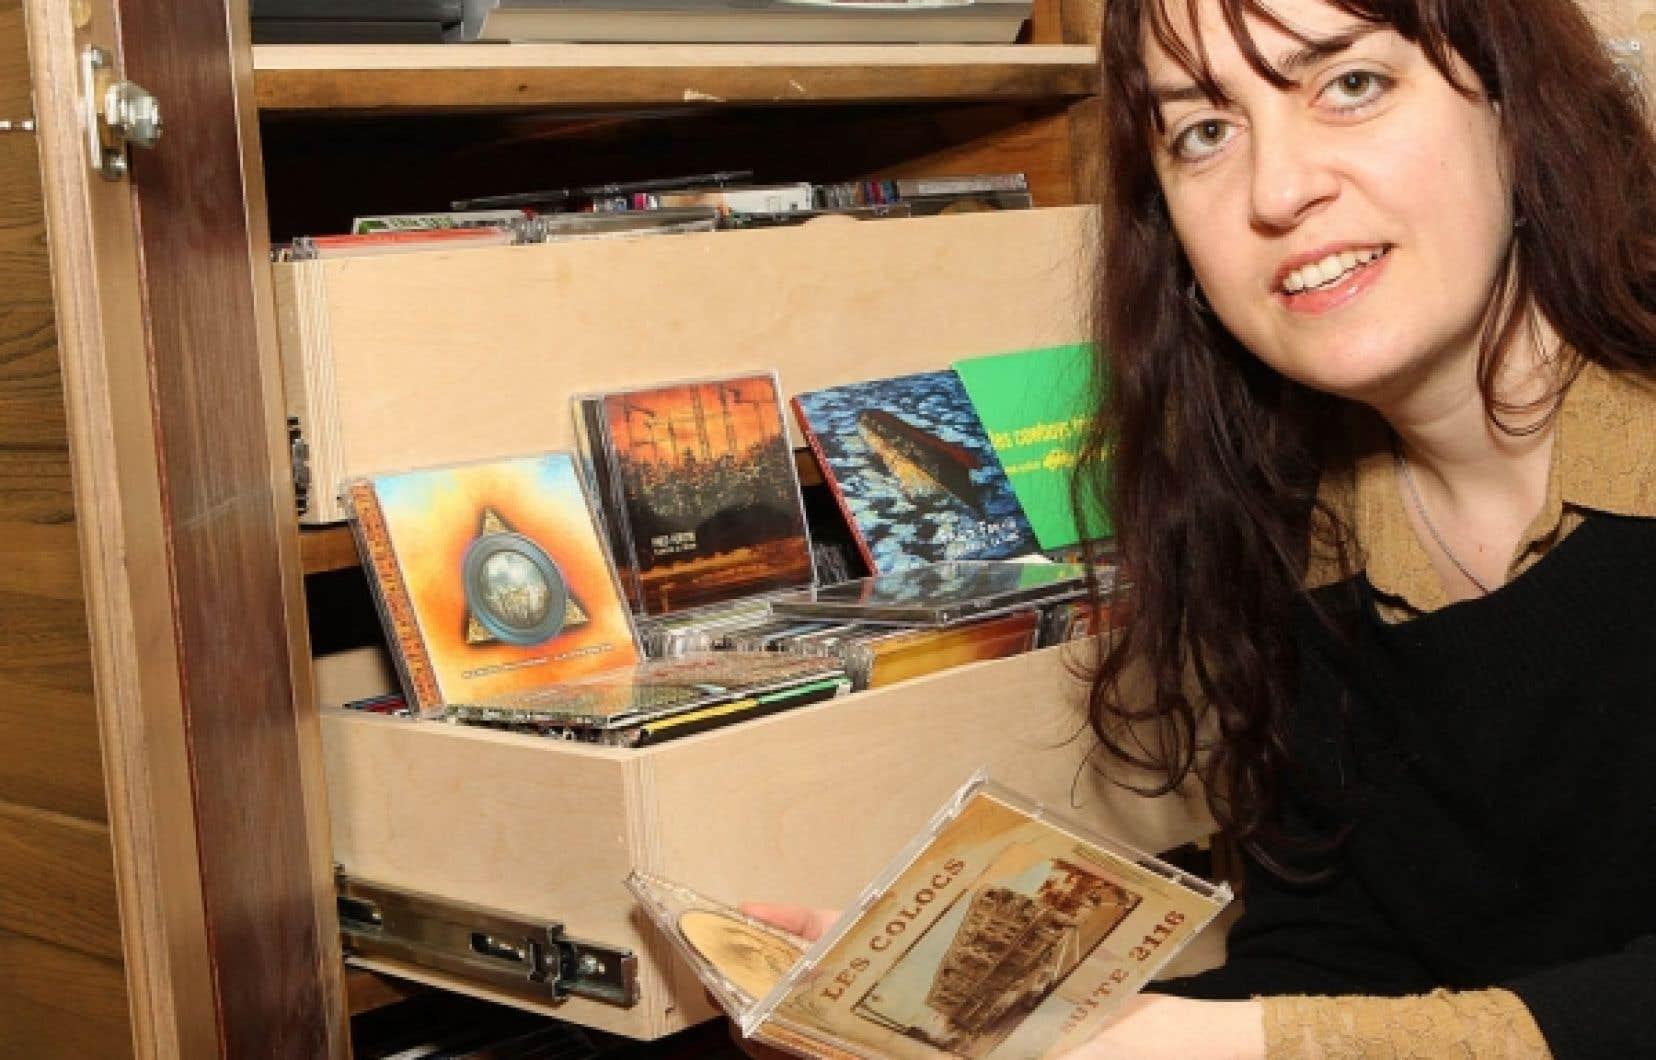 L'anthropologue Isabelle Matte constate que la chanson québécoise actuelle semble exprimer une perte du lien social, du sentiment d'appartenance.